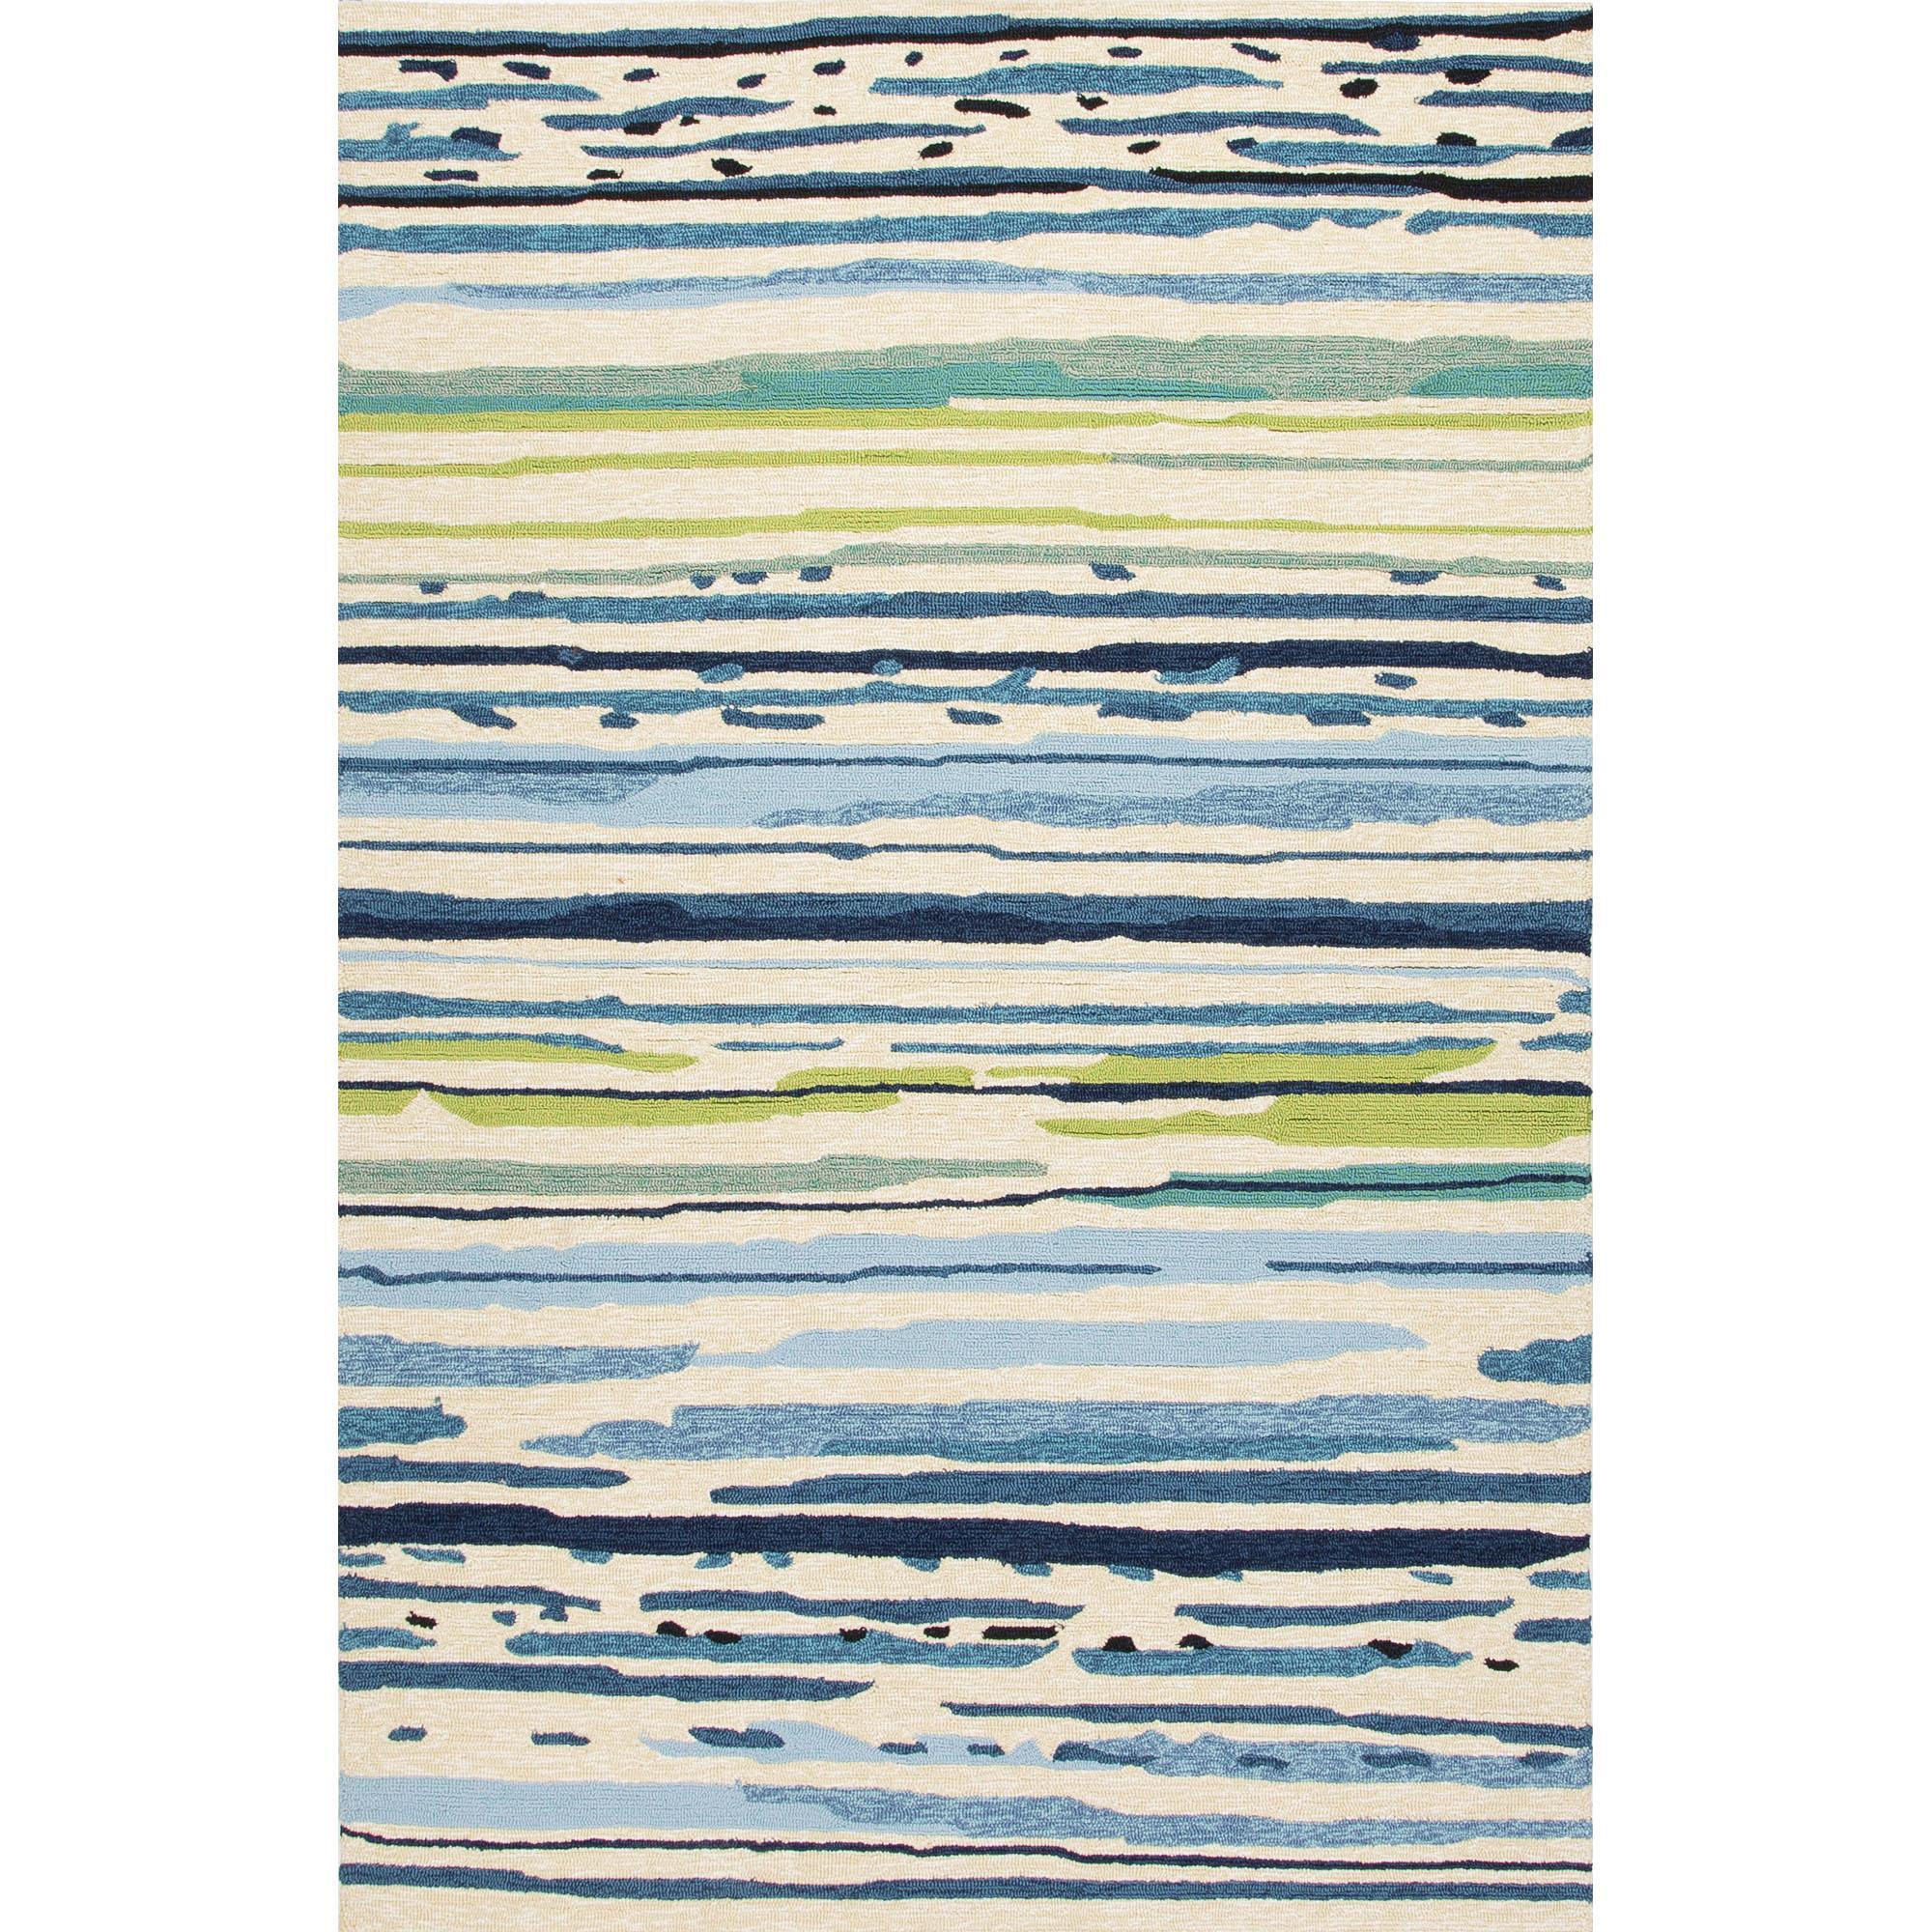 JAIPUR Rugs Colours 7.6 x 9.6 Rug - Item Number: RUG117551